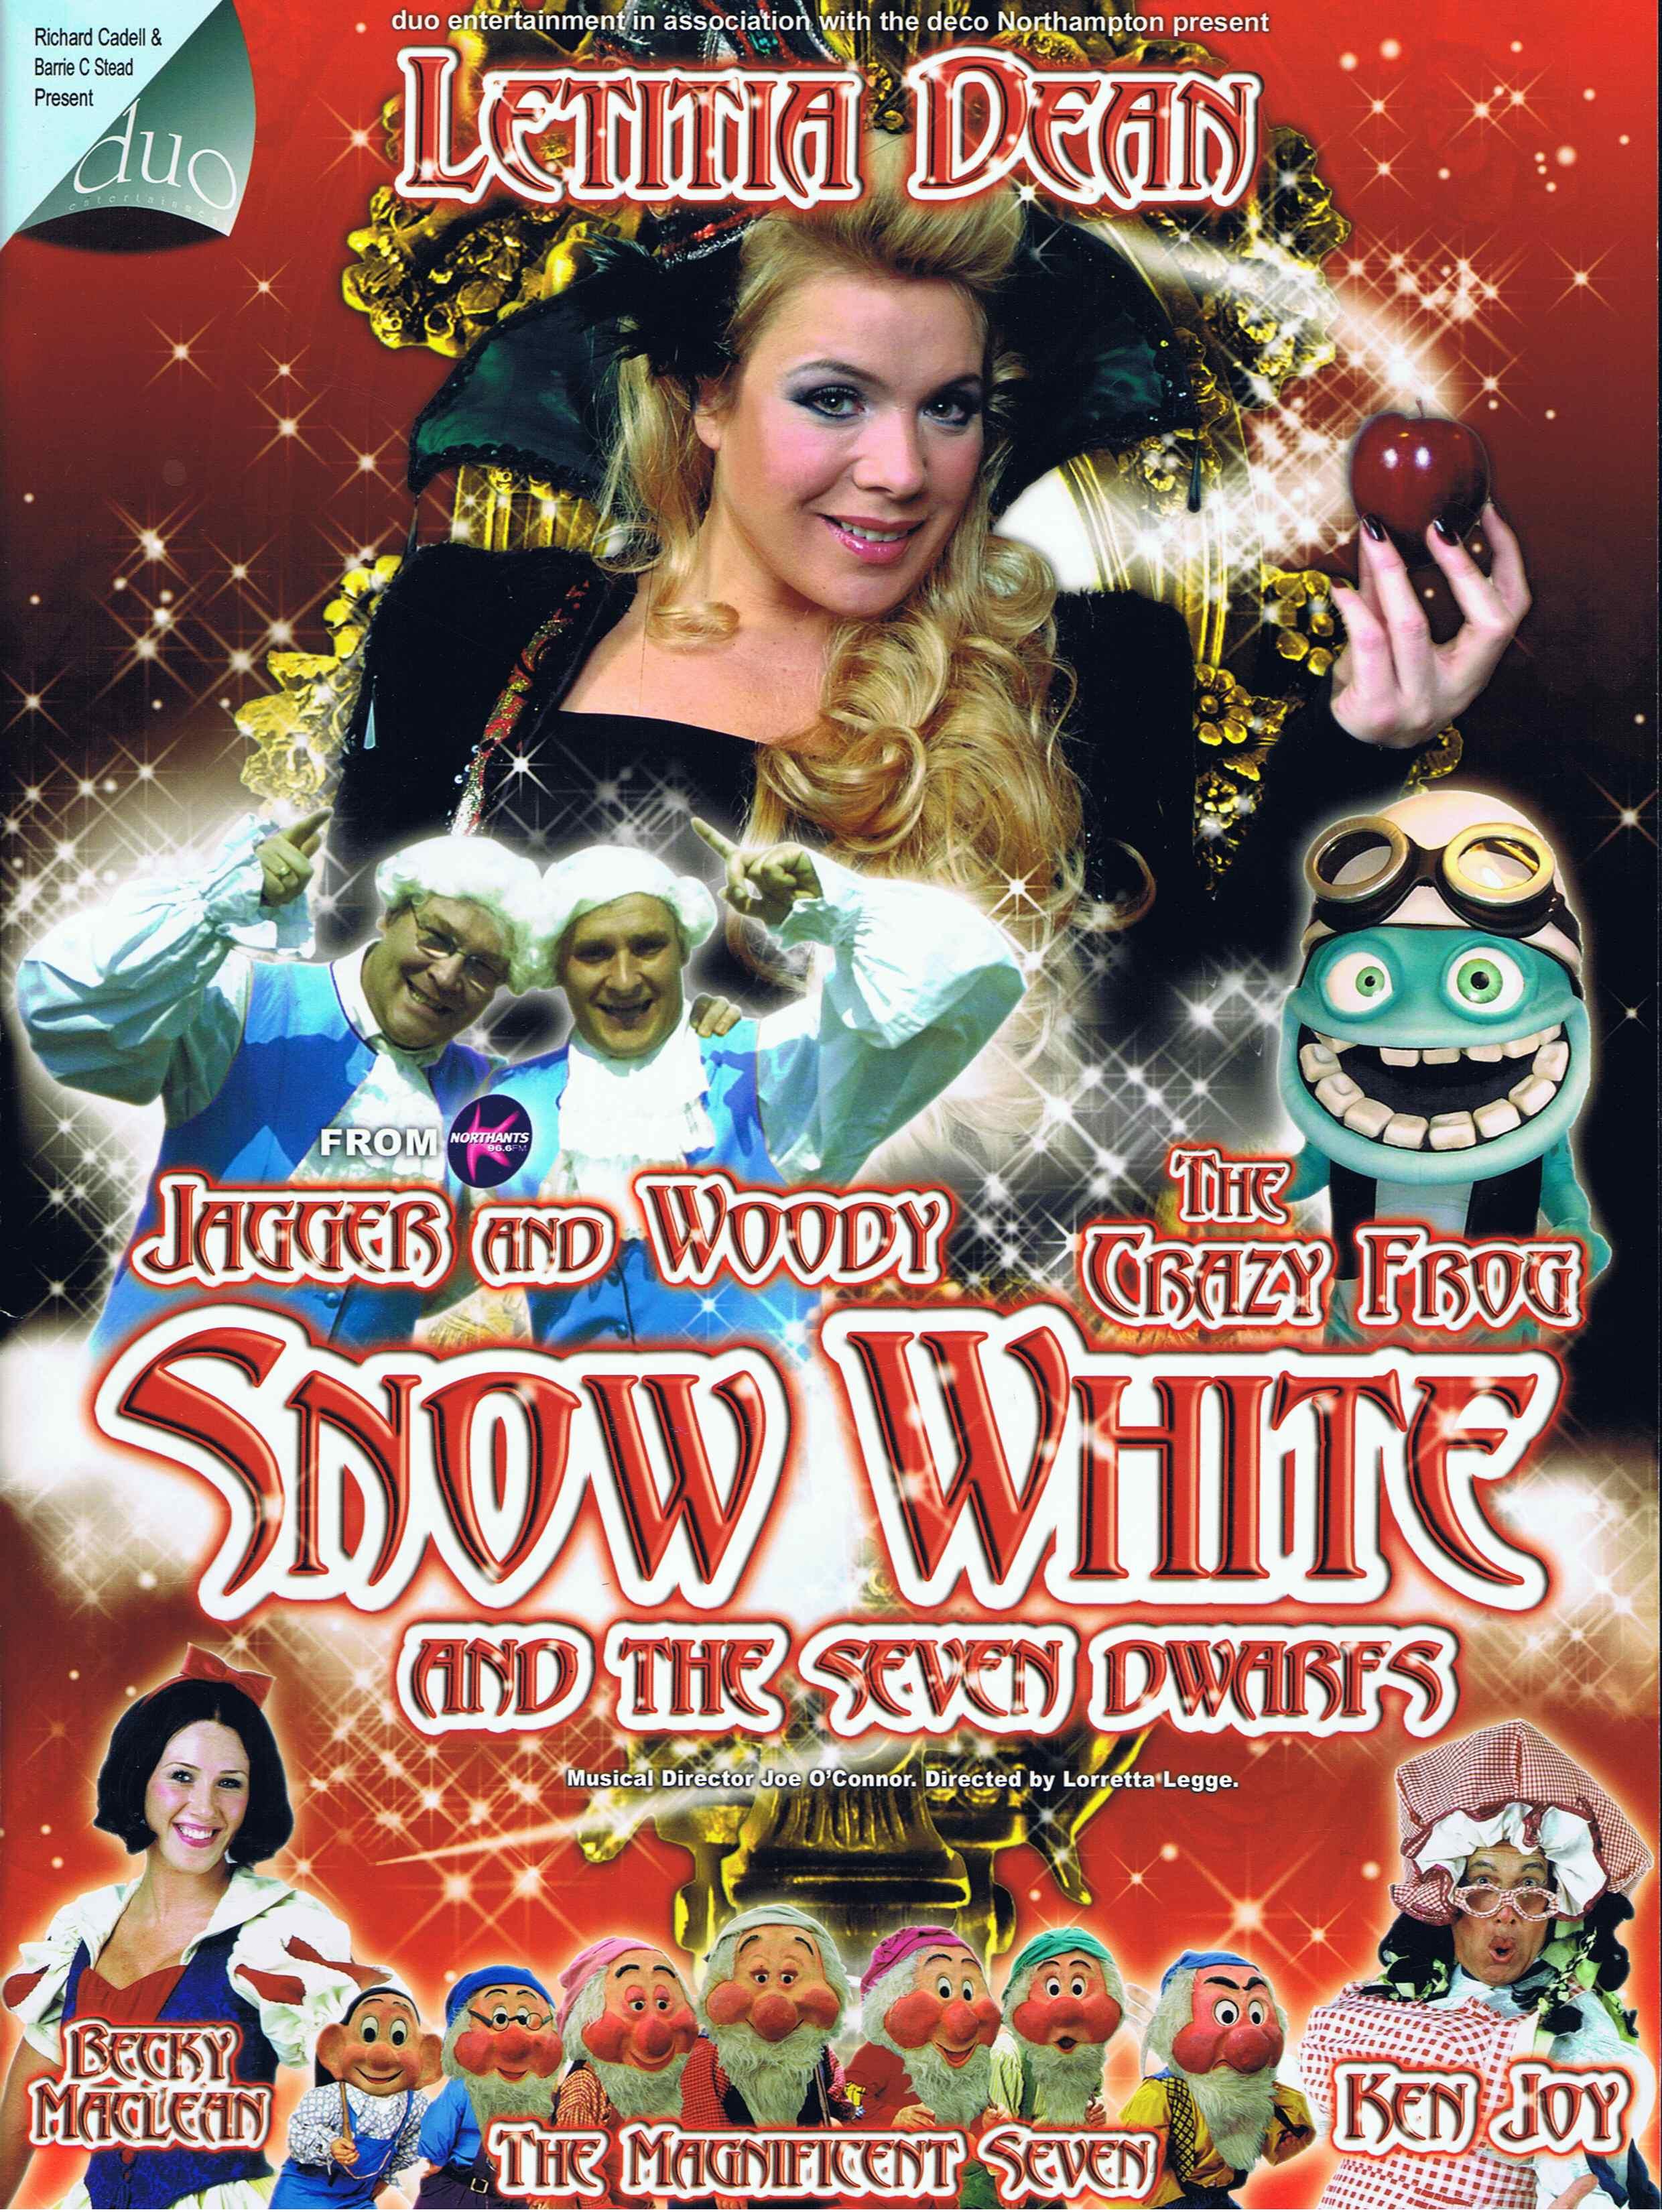 Snow White Duo2.jpg